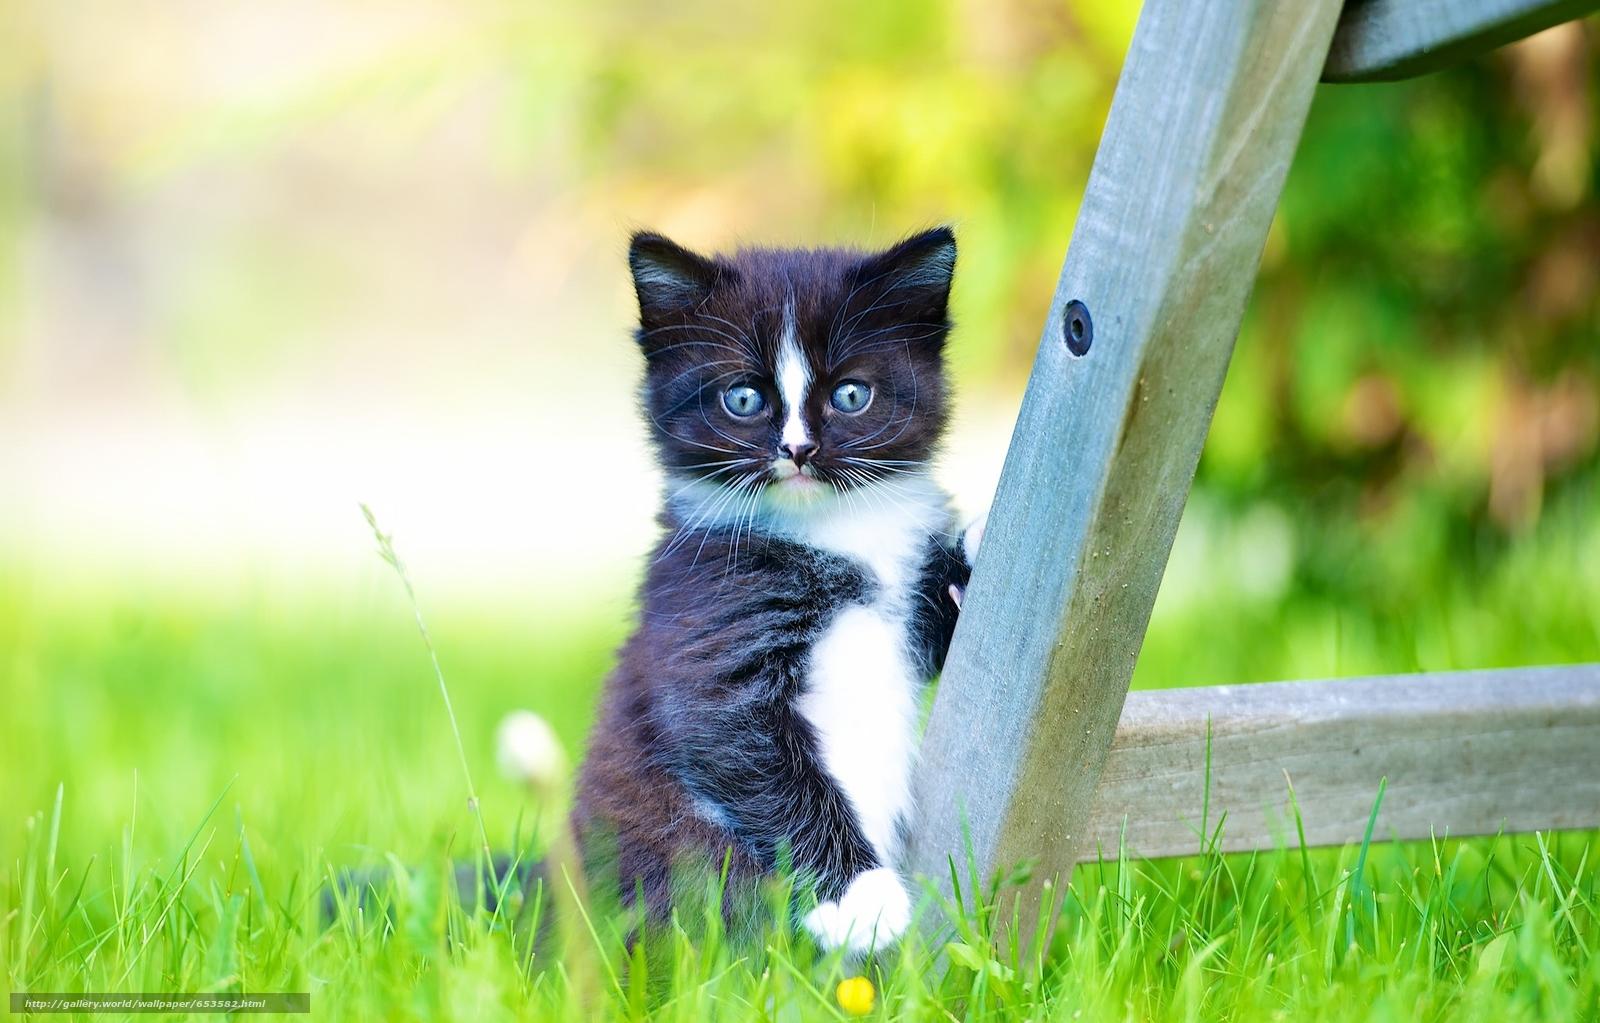 下载壁纸 小猫,  婴儿,  视图,  草 免费为您的桌面分辨率的壁纸 2048x1310 — 图片 №653582